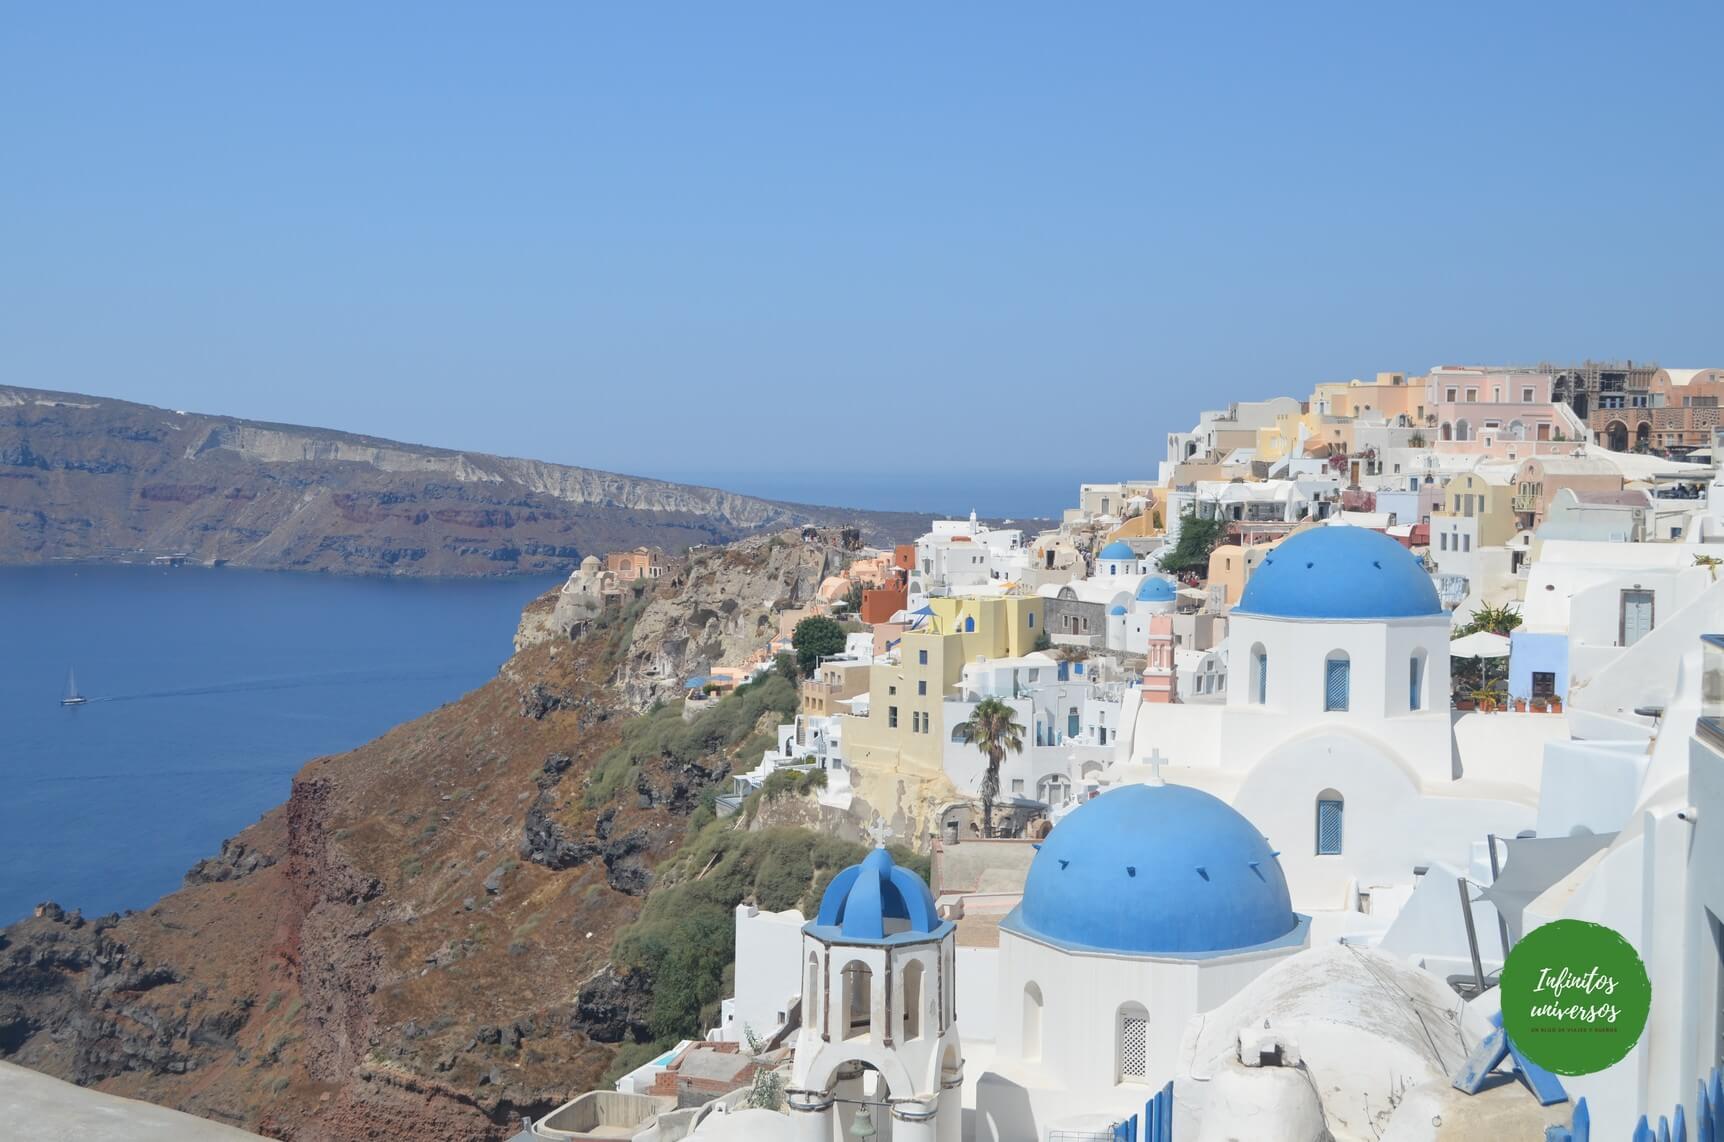 Que ver en Santorini grecia - Europa en verano